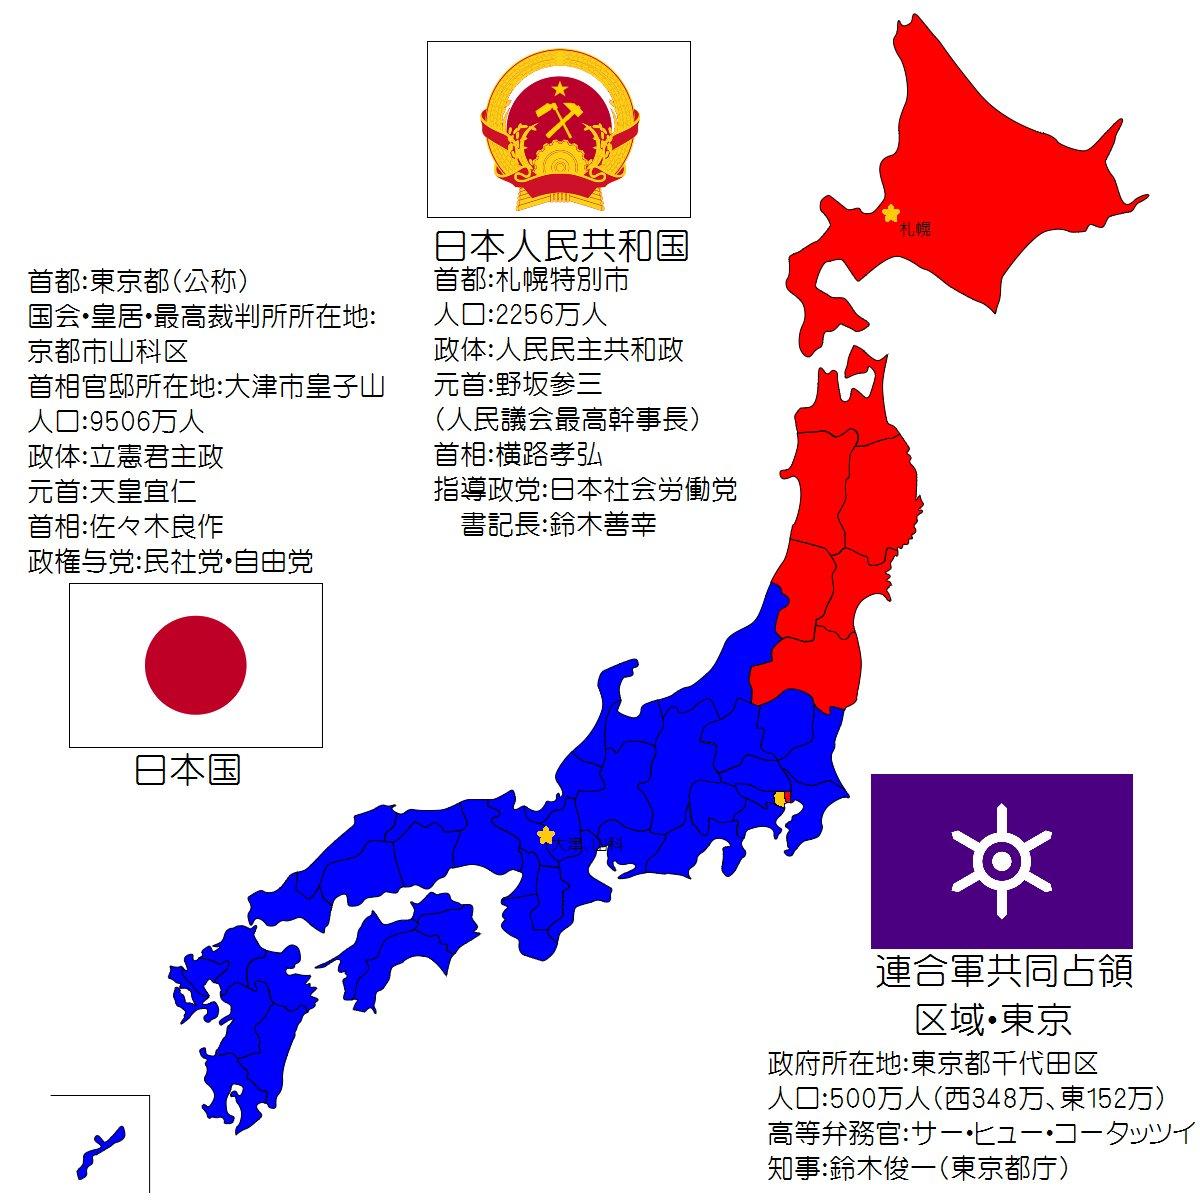 日本人民共和国臨時政府 (@hcoprjwt) | Twitter